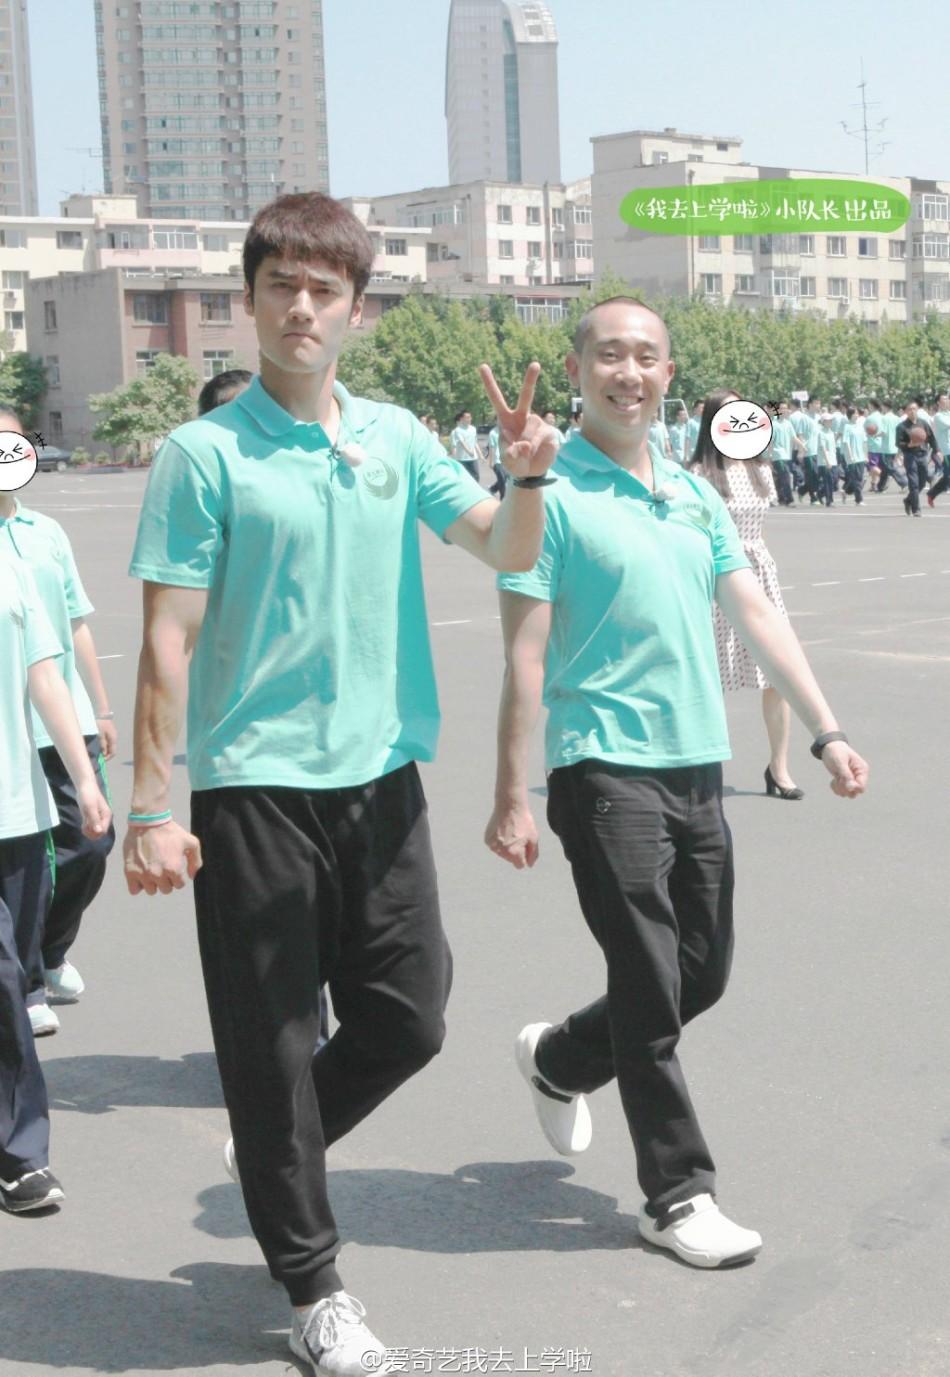 """我去上学啦"""".帅哥美女穿上校服,和师大附中的学生们一起上课一图片"""